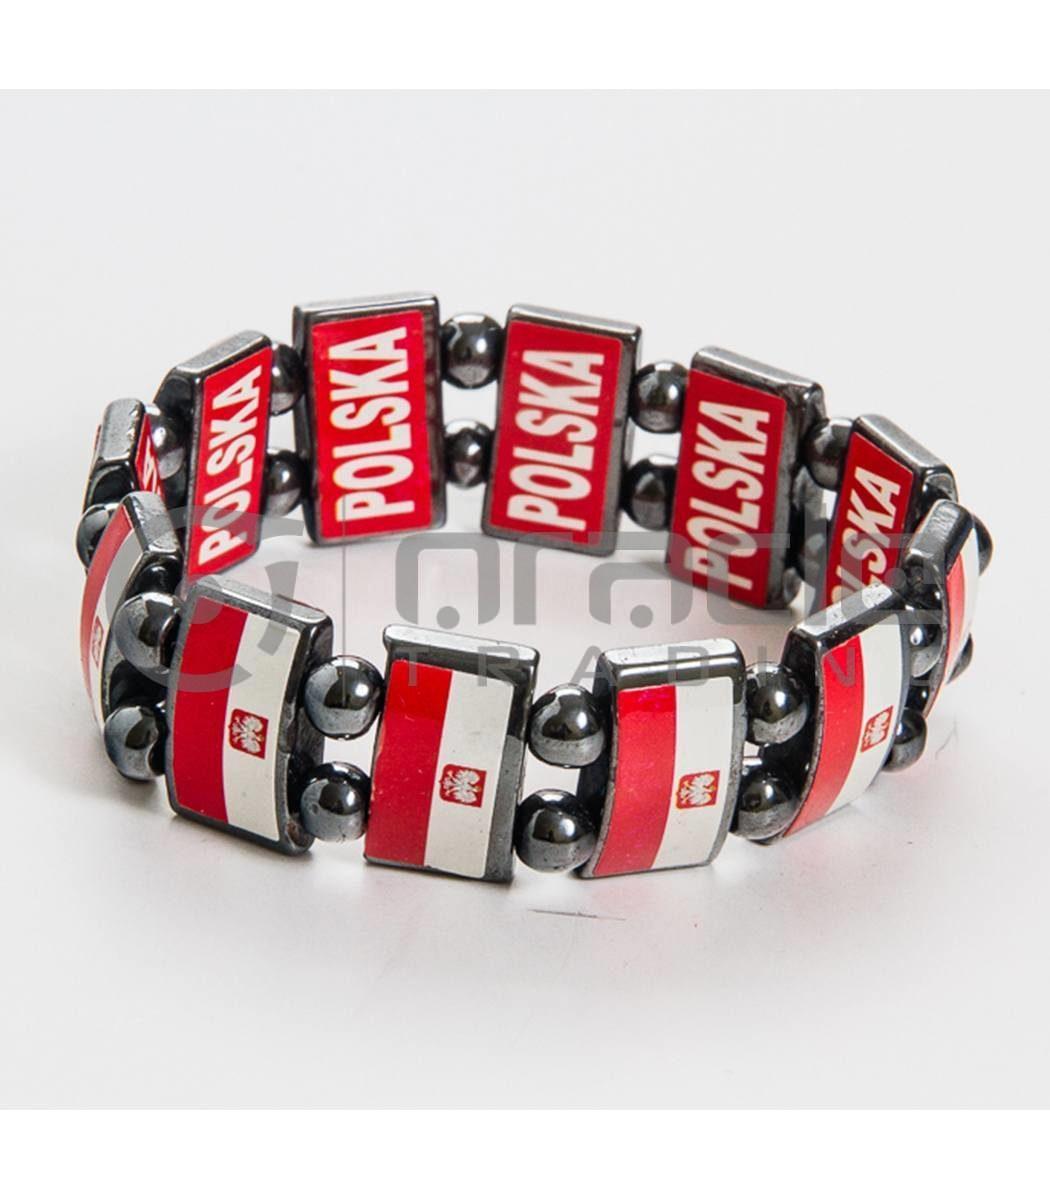 Poland Stone Bracelets 12-Pack